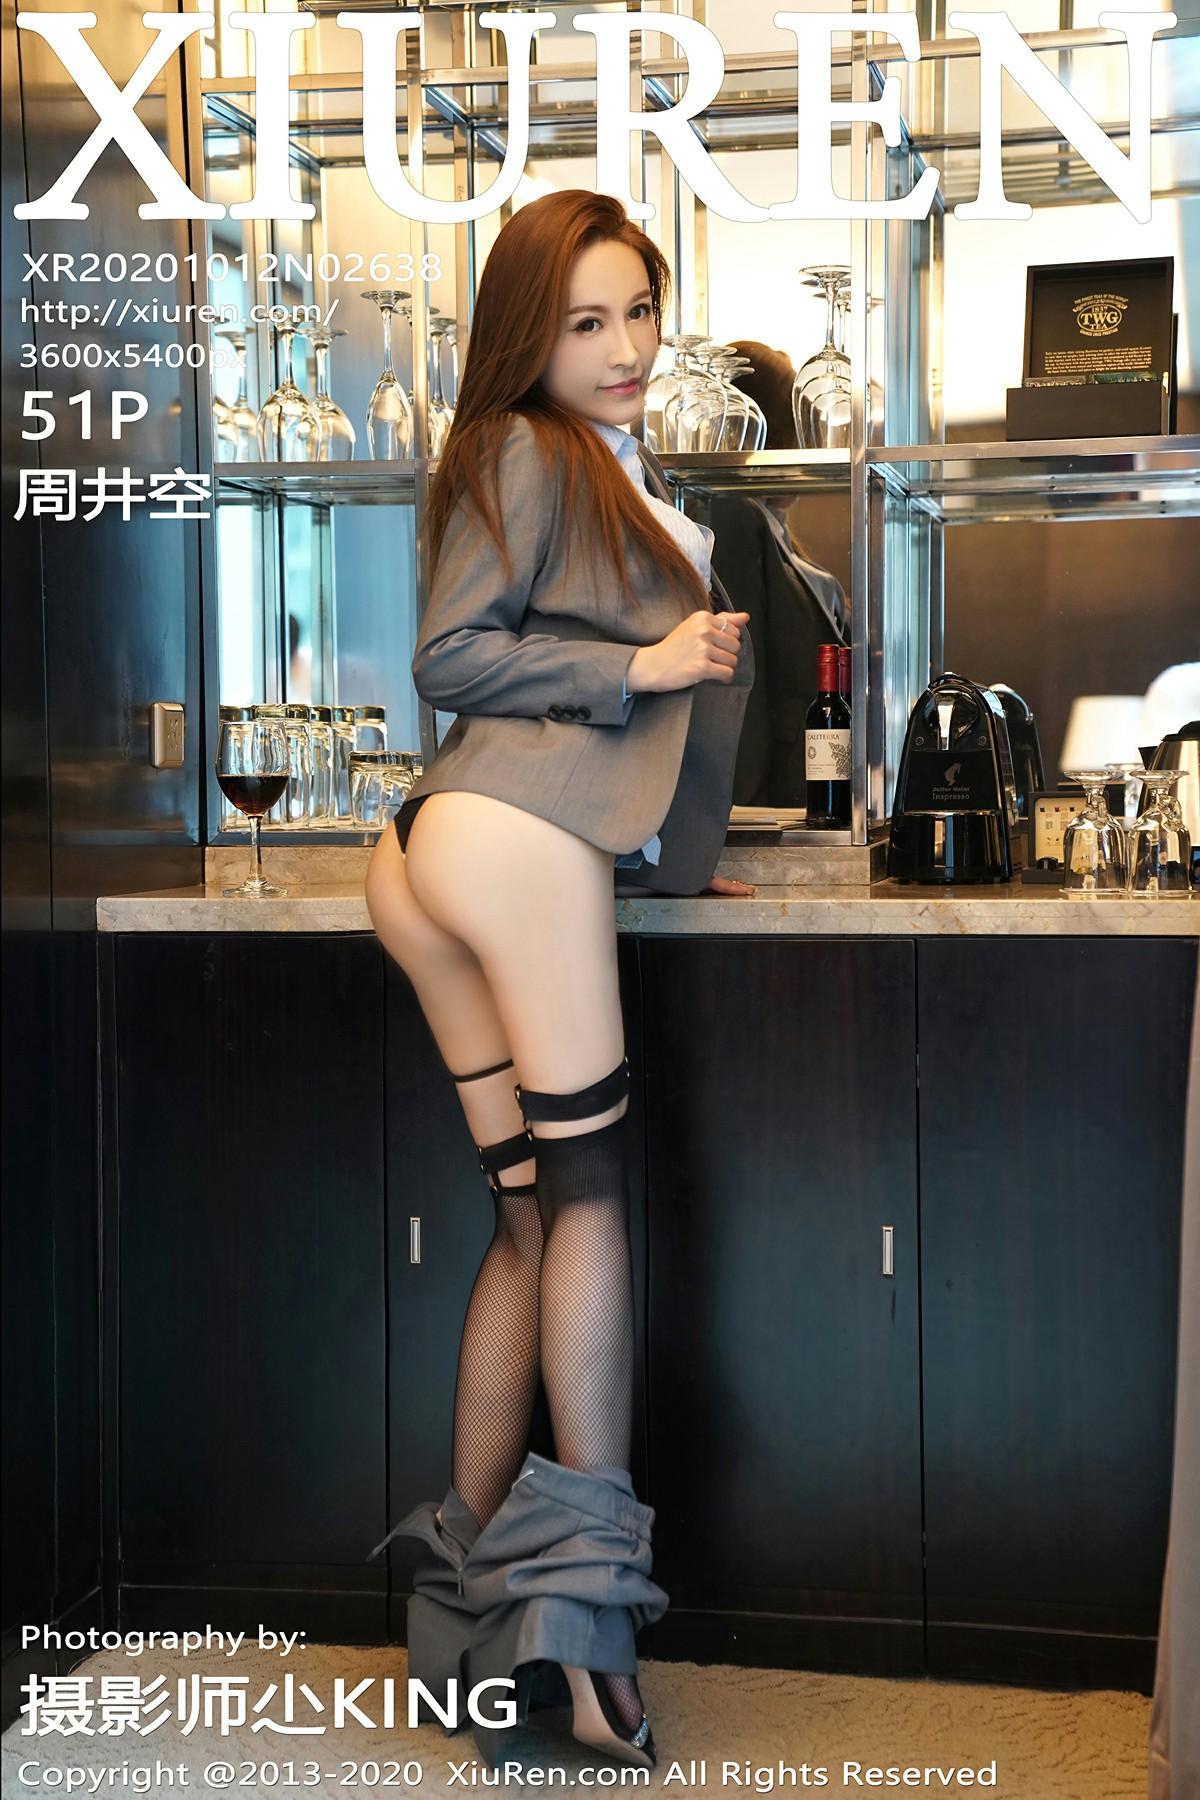 [XiuRen秀人网] 2020.10.12 No.2638 周井空 第1张